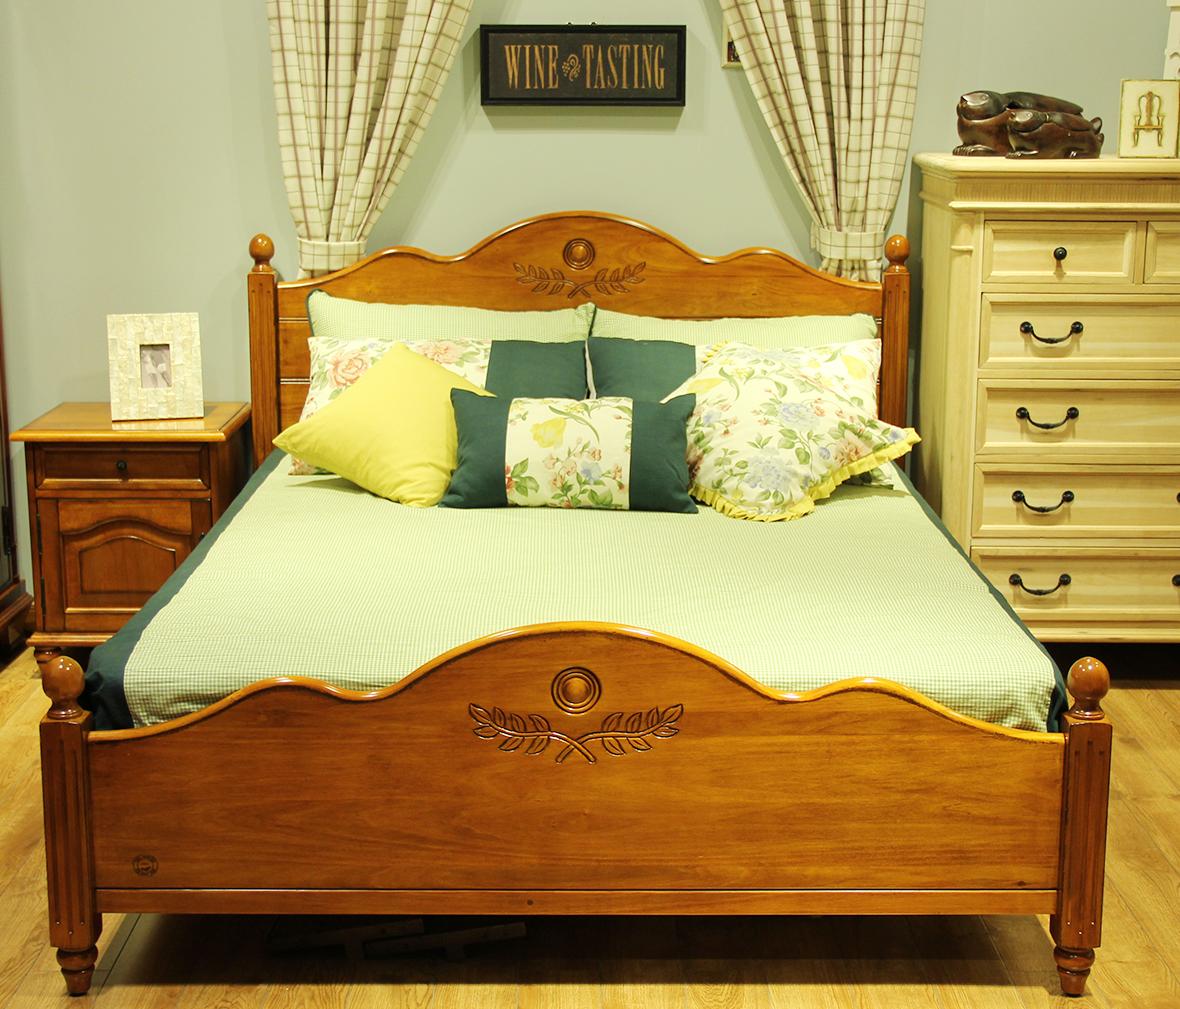 迦南橄榄树 8805-qb型号 小床 实木板材 榫卯结构 欧式风格